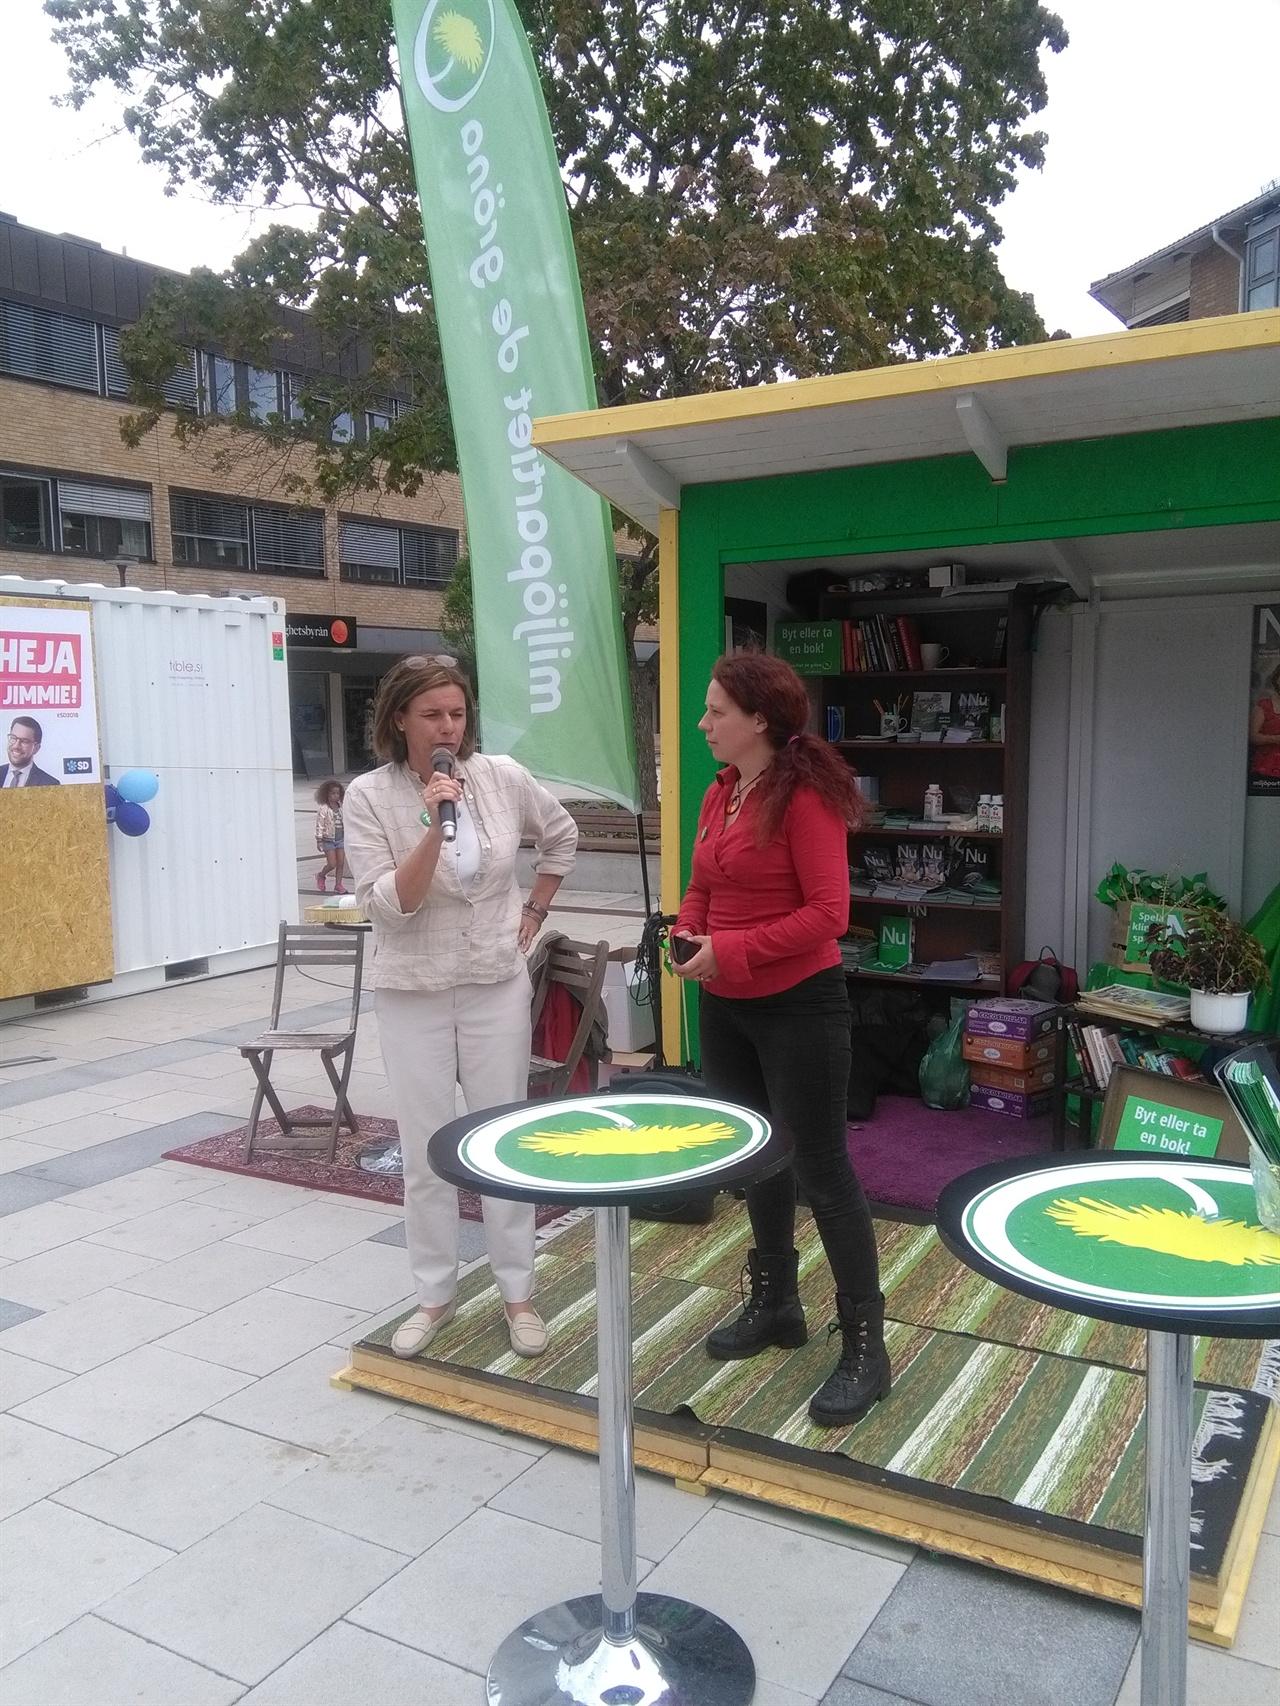 스웨덴 부총리 겸 기후장관인 이사벨라 뢰빈(왼쪽, 녹색당)이 발렌투나 지역 선거 오두막 앞에서 녹색당의 정책에 관한 질의응답시간을 갖고 있다.